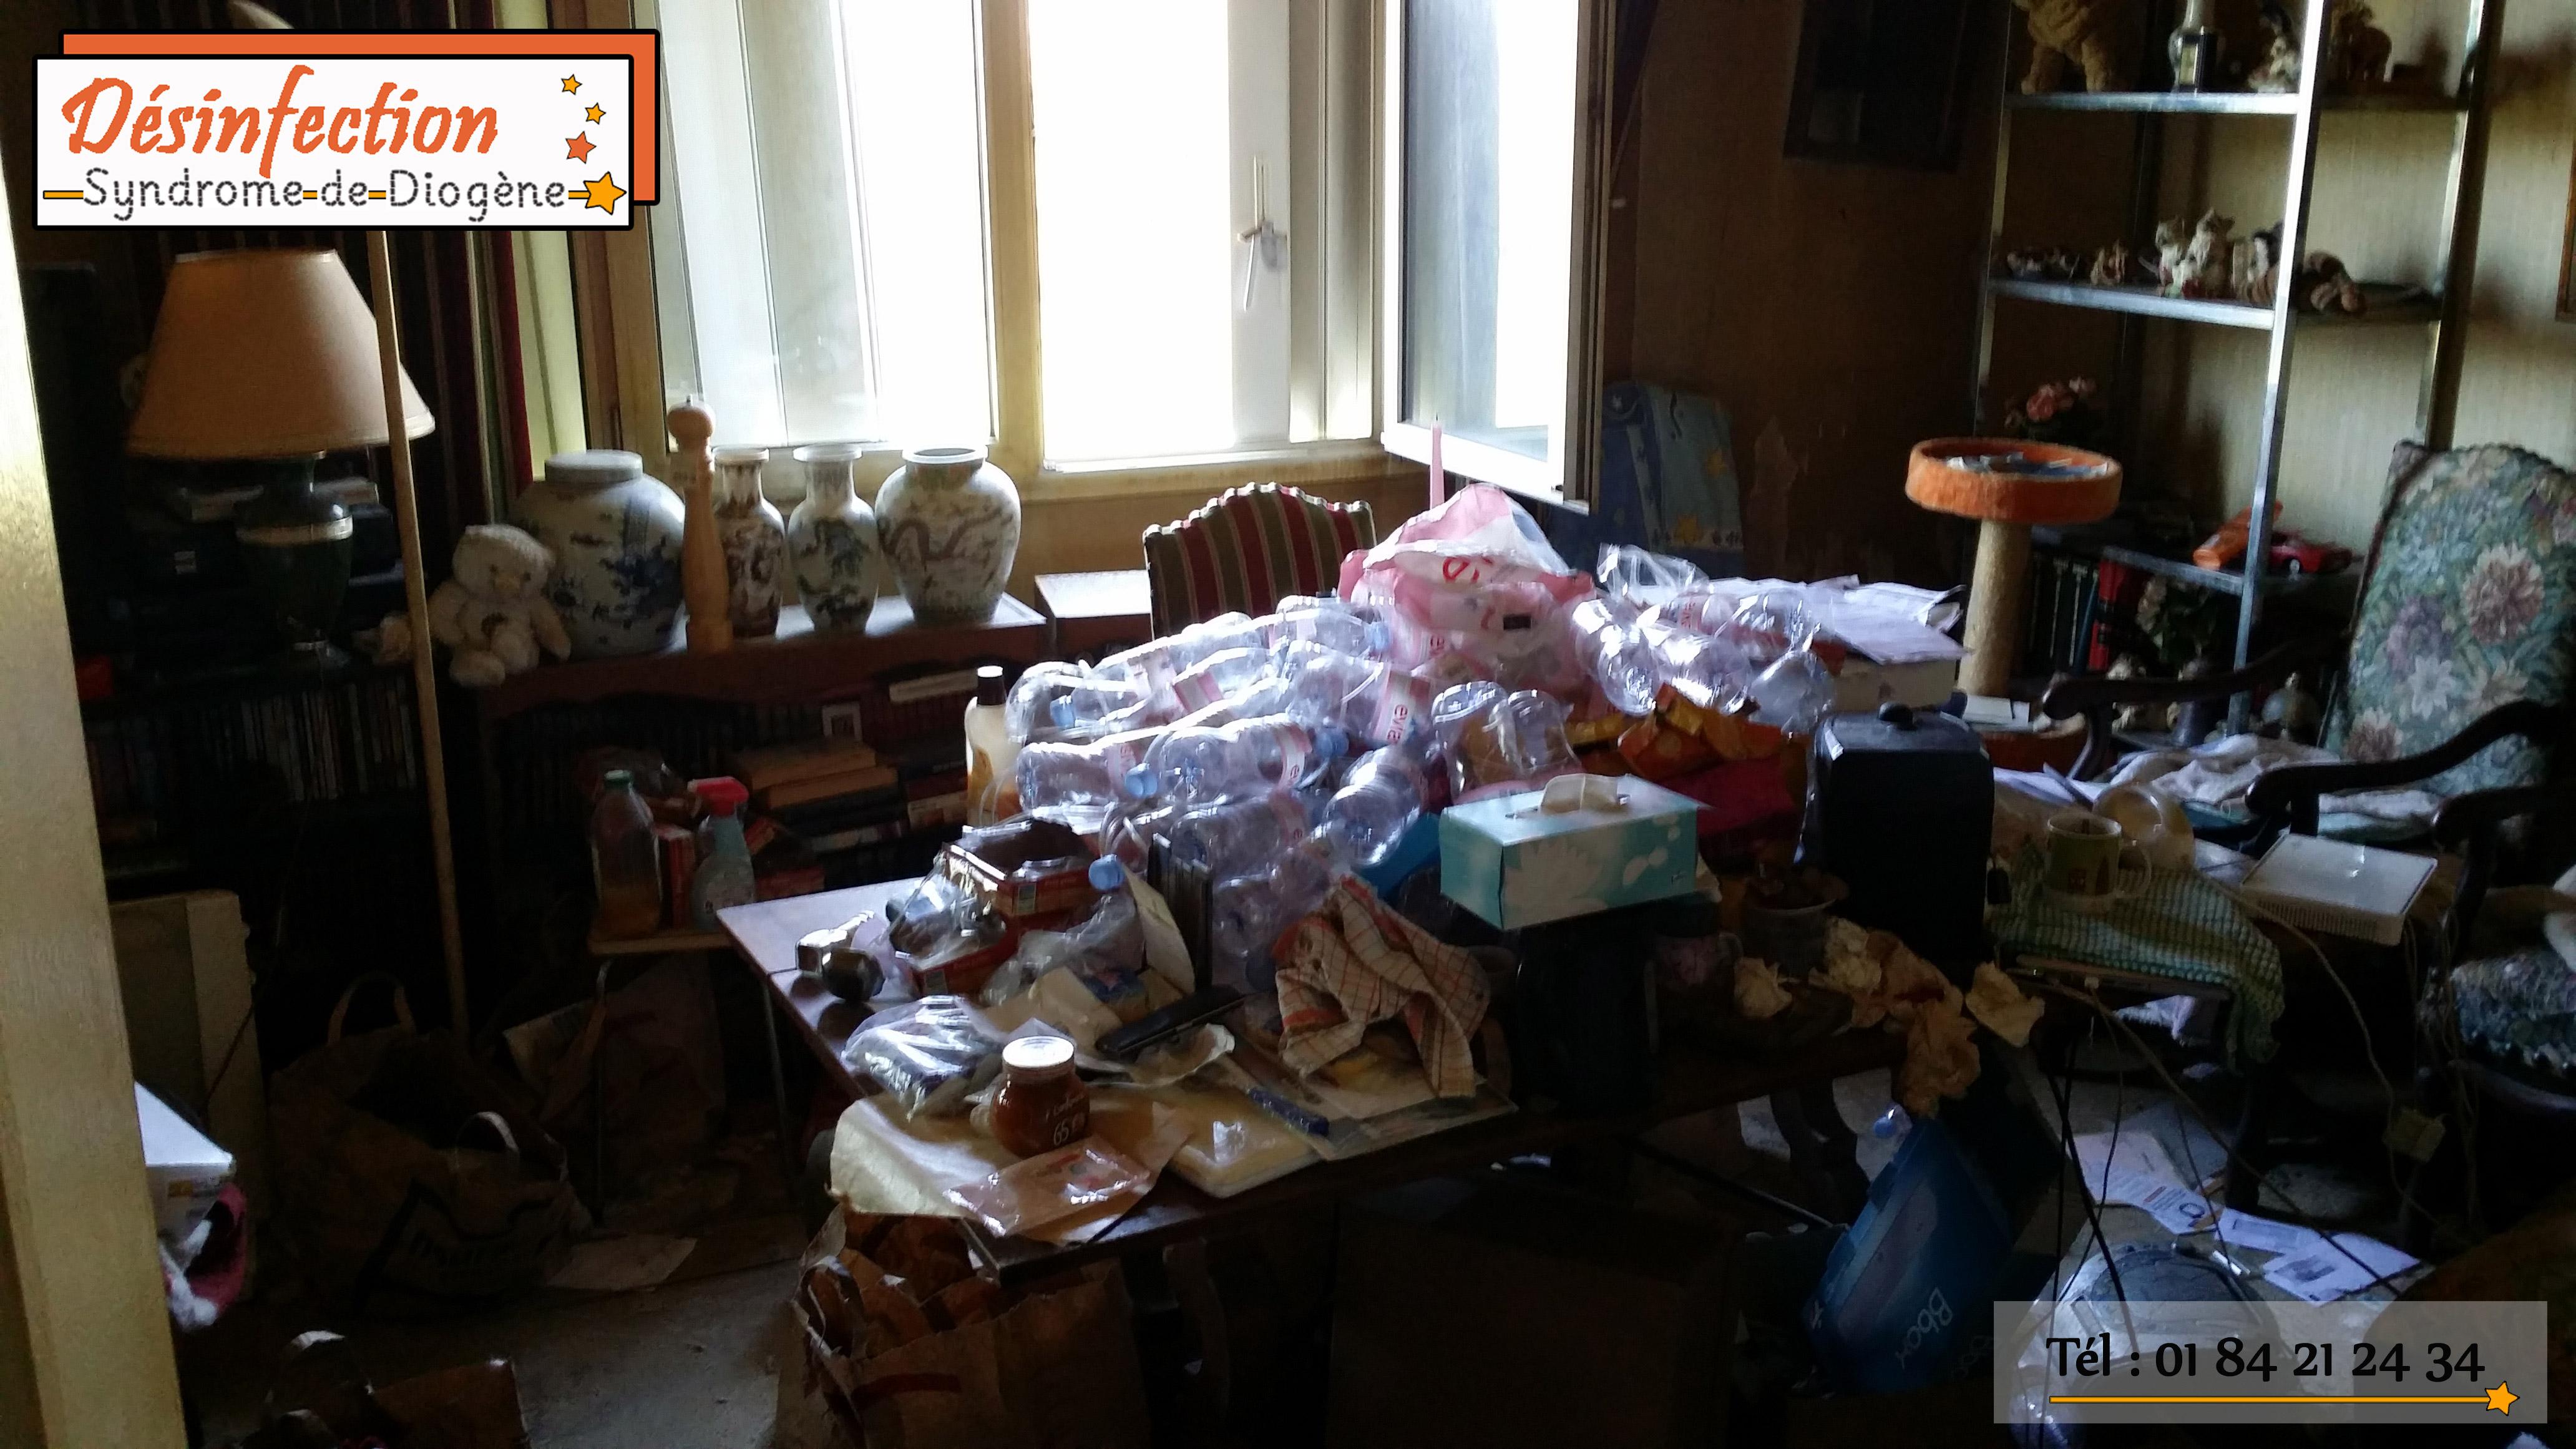 desinfection-nettoyage-maison-hauts-de-seine-diogene